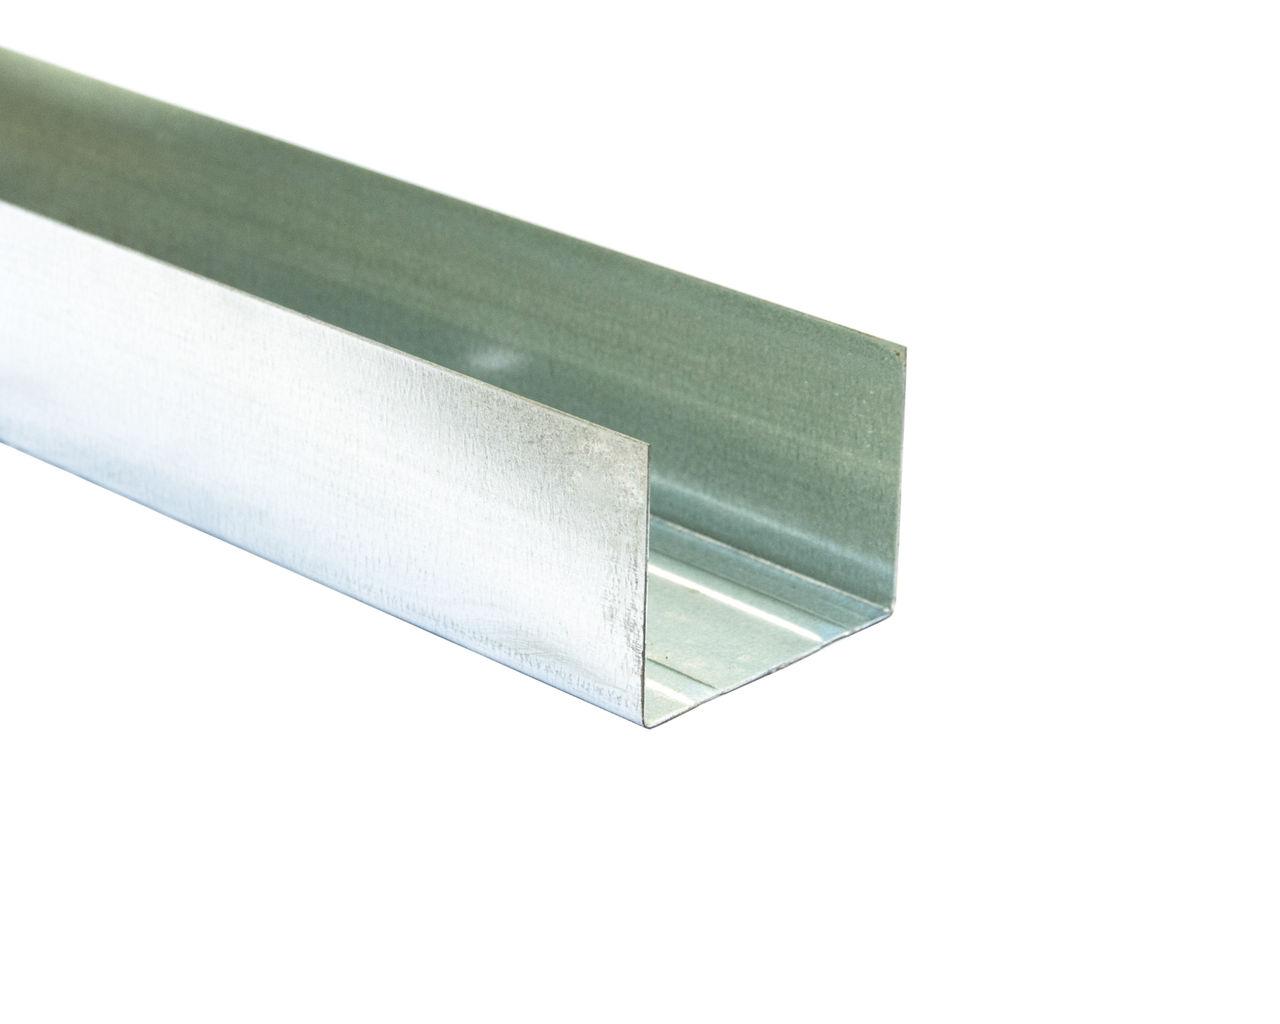 Профиль ПН-6 100х40 3м Албес, толщ 0.45мм